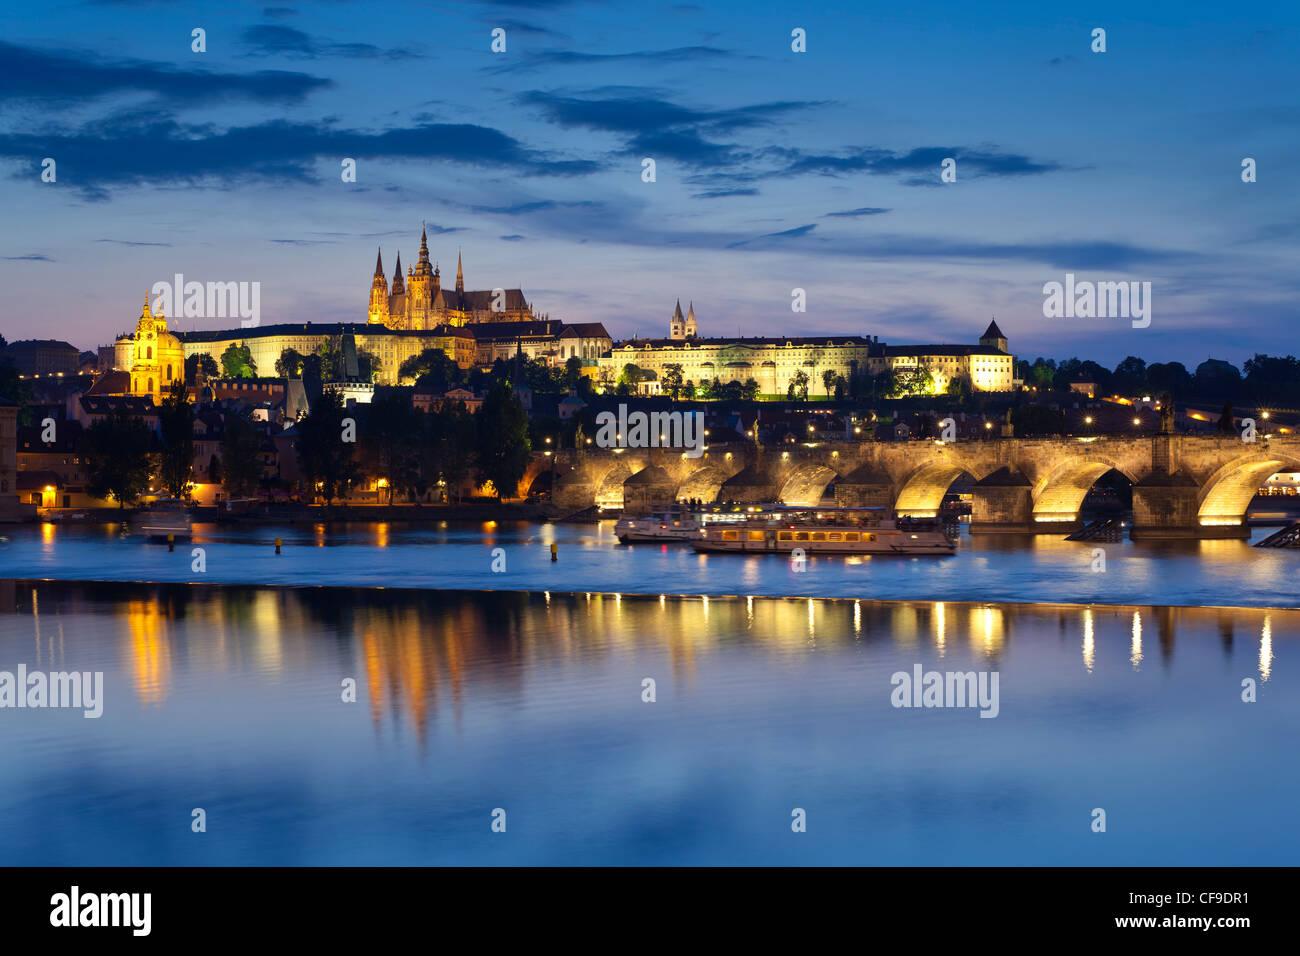 Cattedrale di San Vito e il fiume Moldava al crepuscolo, Praga, Repubblica Ceca Immagini Stock